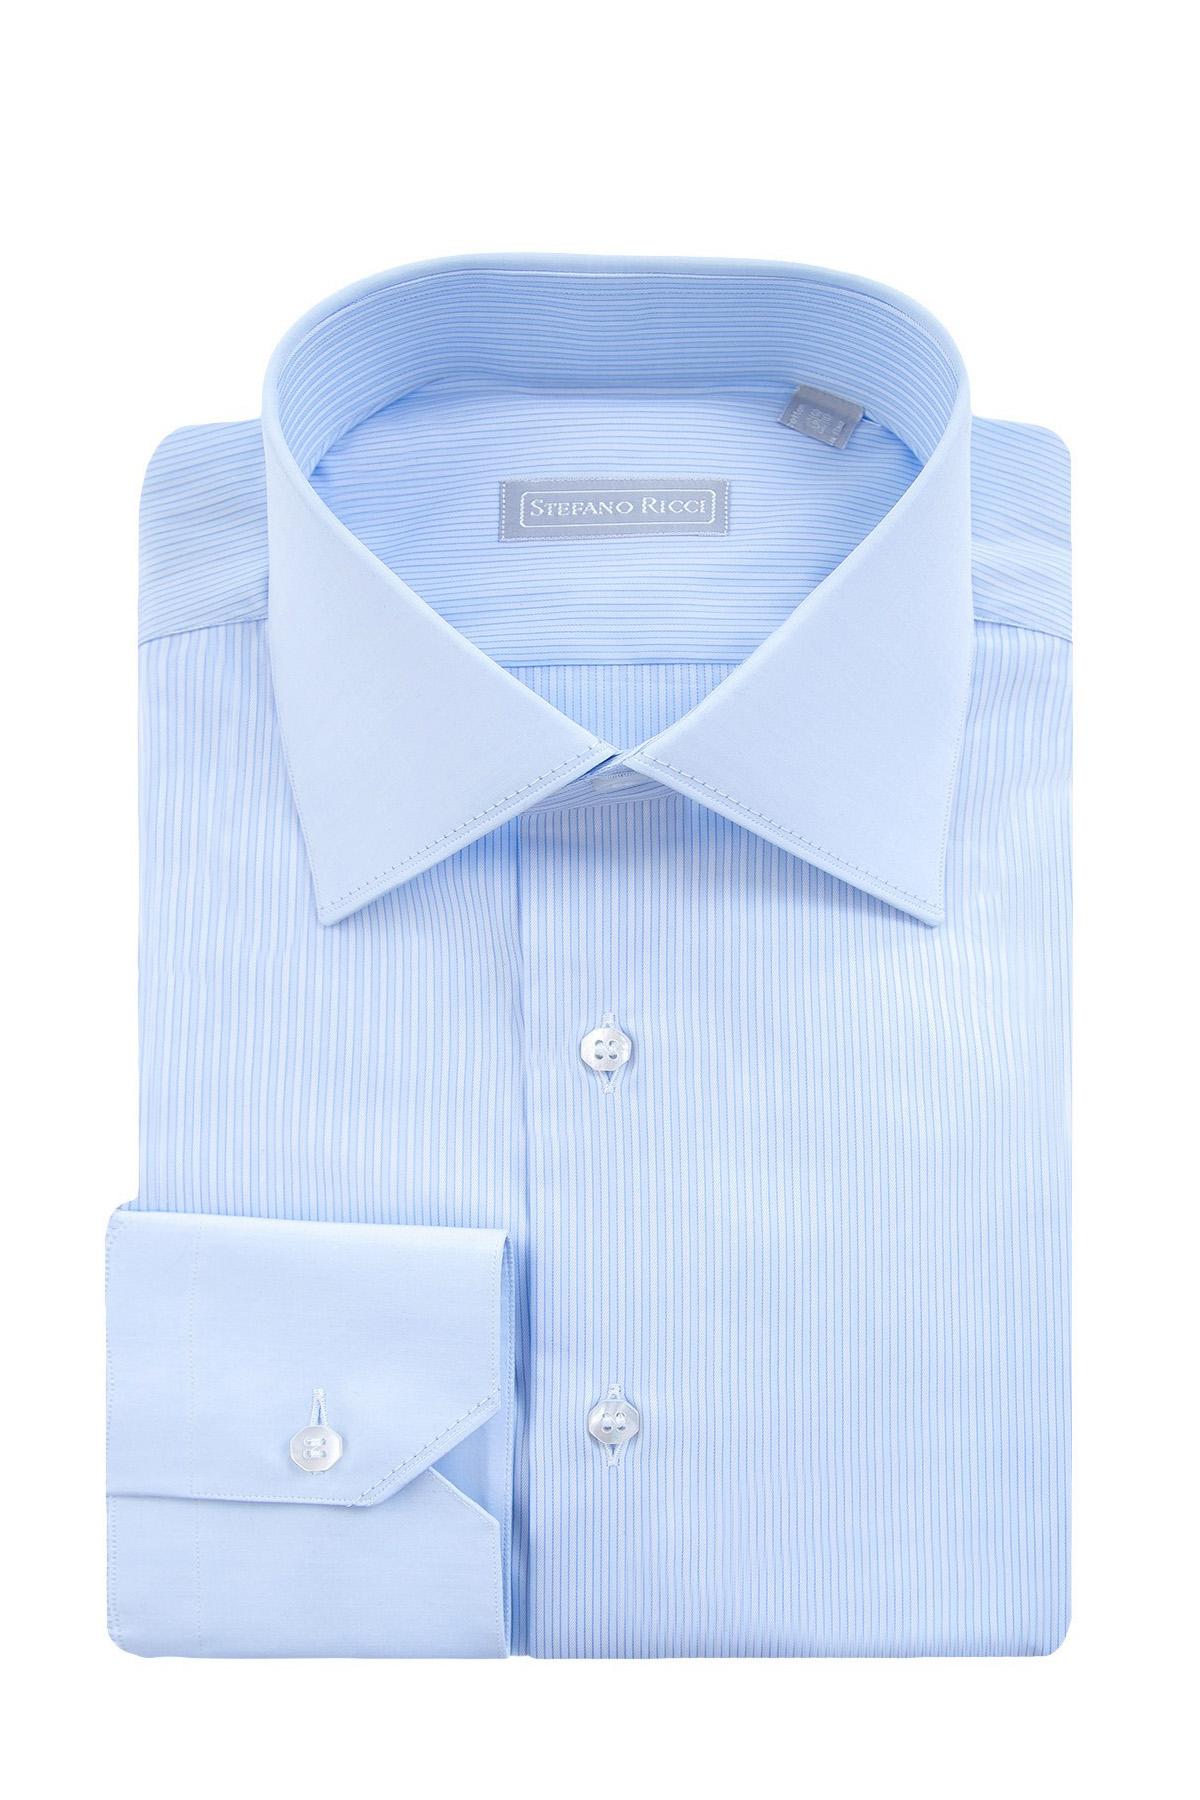 Купить Рубашка, STEFANO RICCI, Италия, хлопок 100%